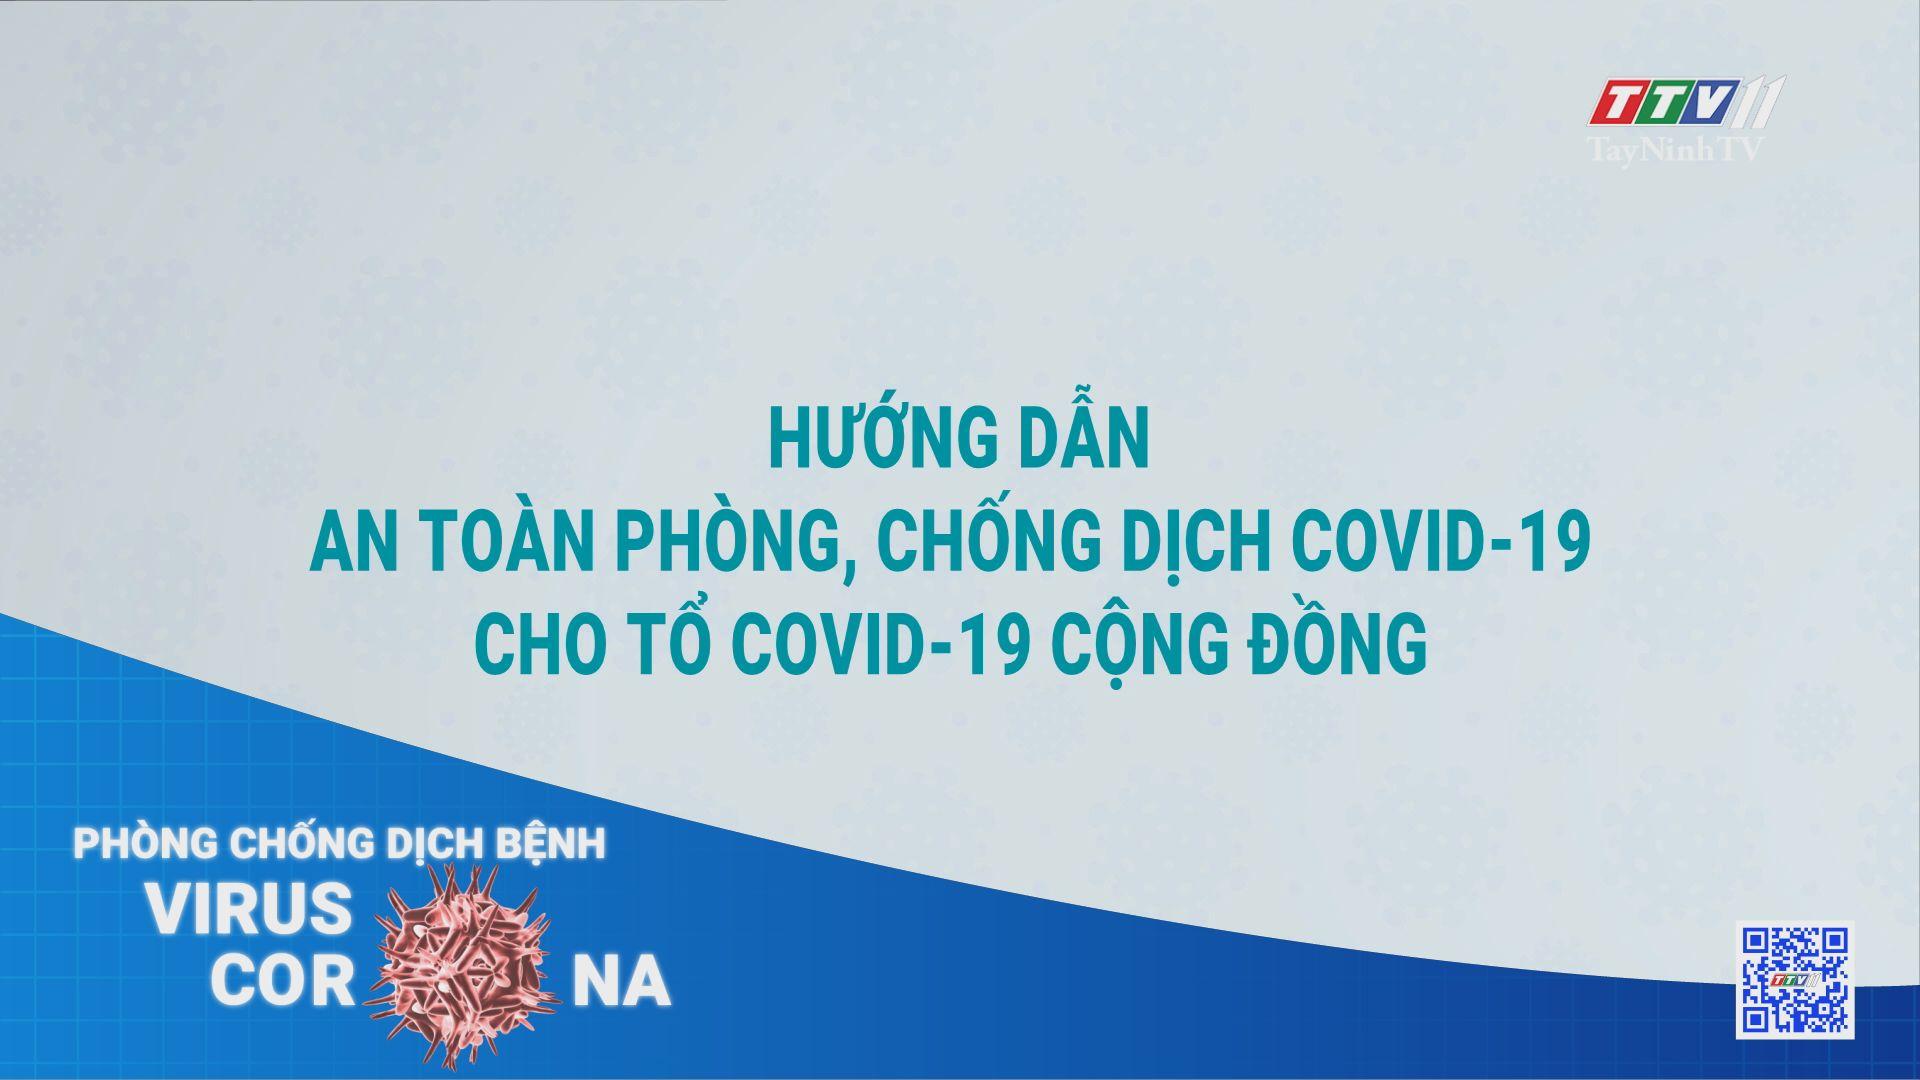 Hướng dẫn an toàn phòng, chống dịch Covid-19 cho Tổ Covid-19 cộng đồng | THÔNG TIN DỊCH COVID-19 | TayNinhTV